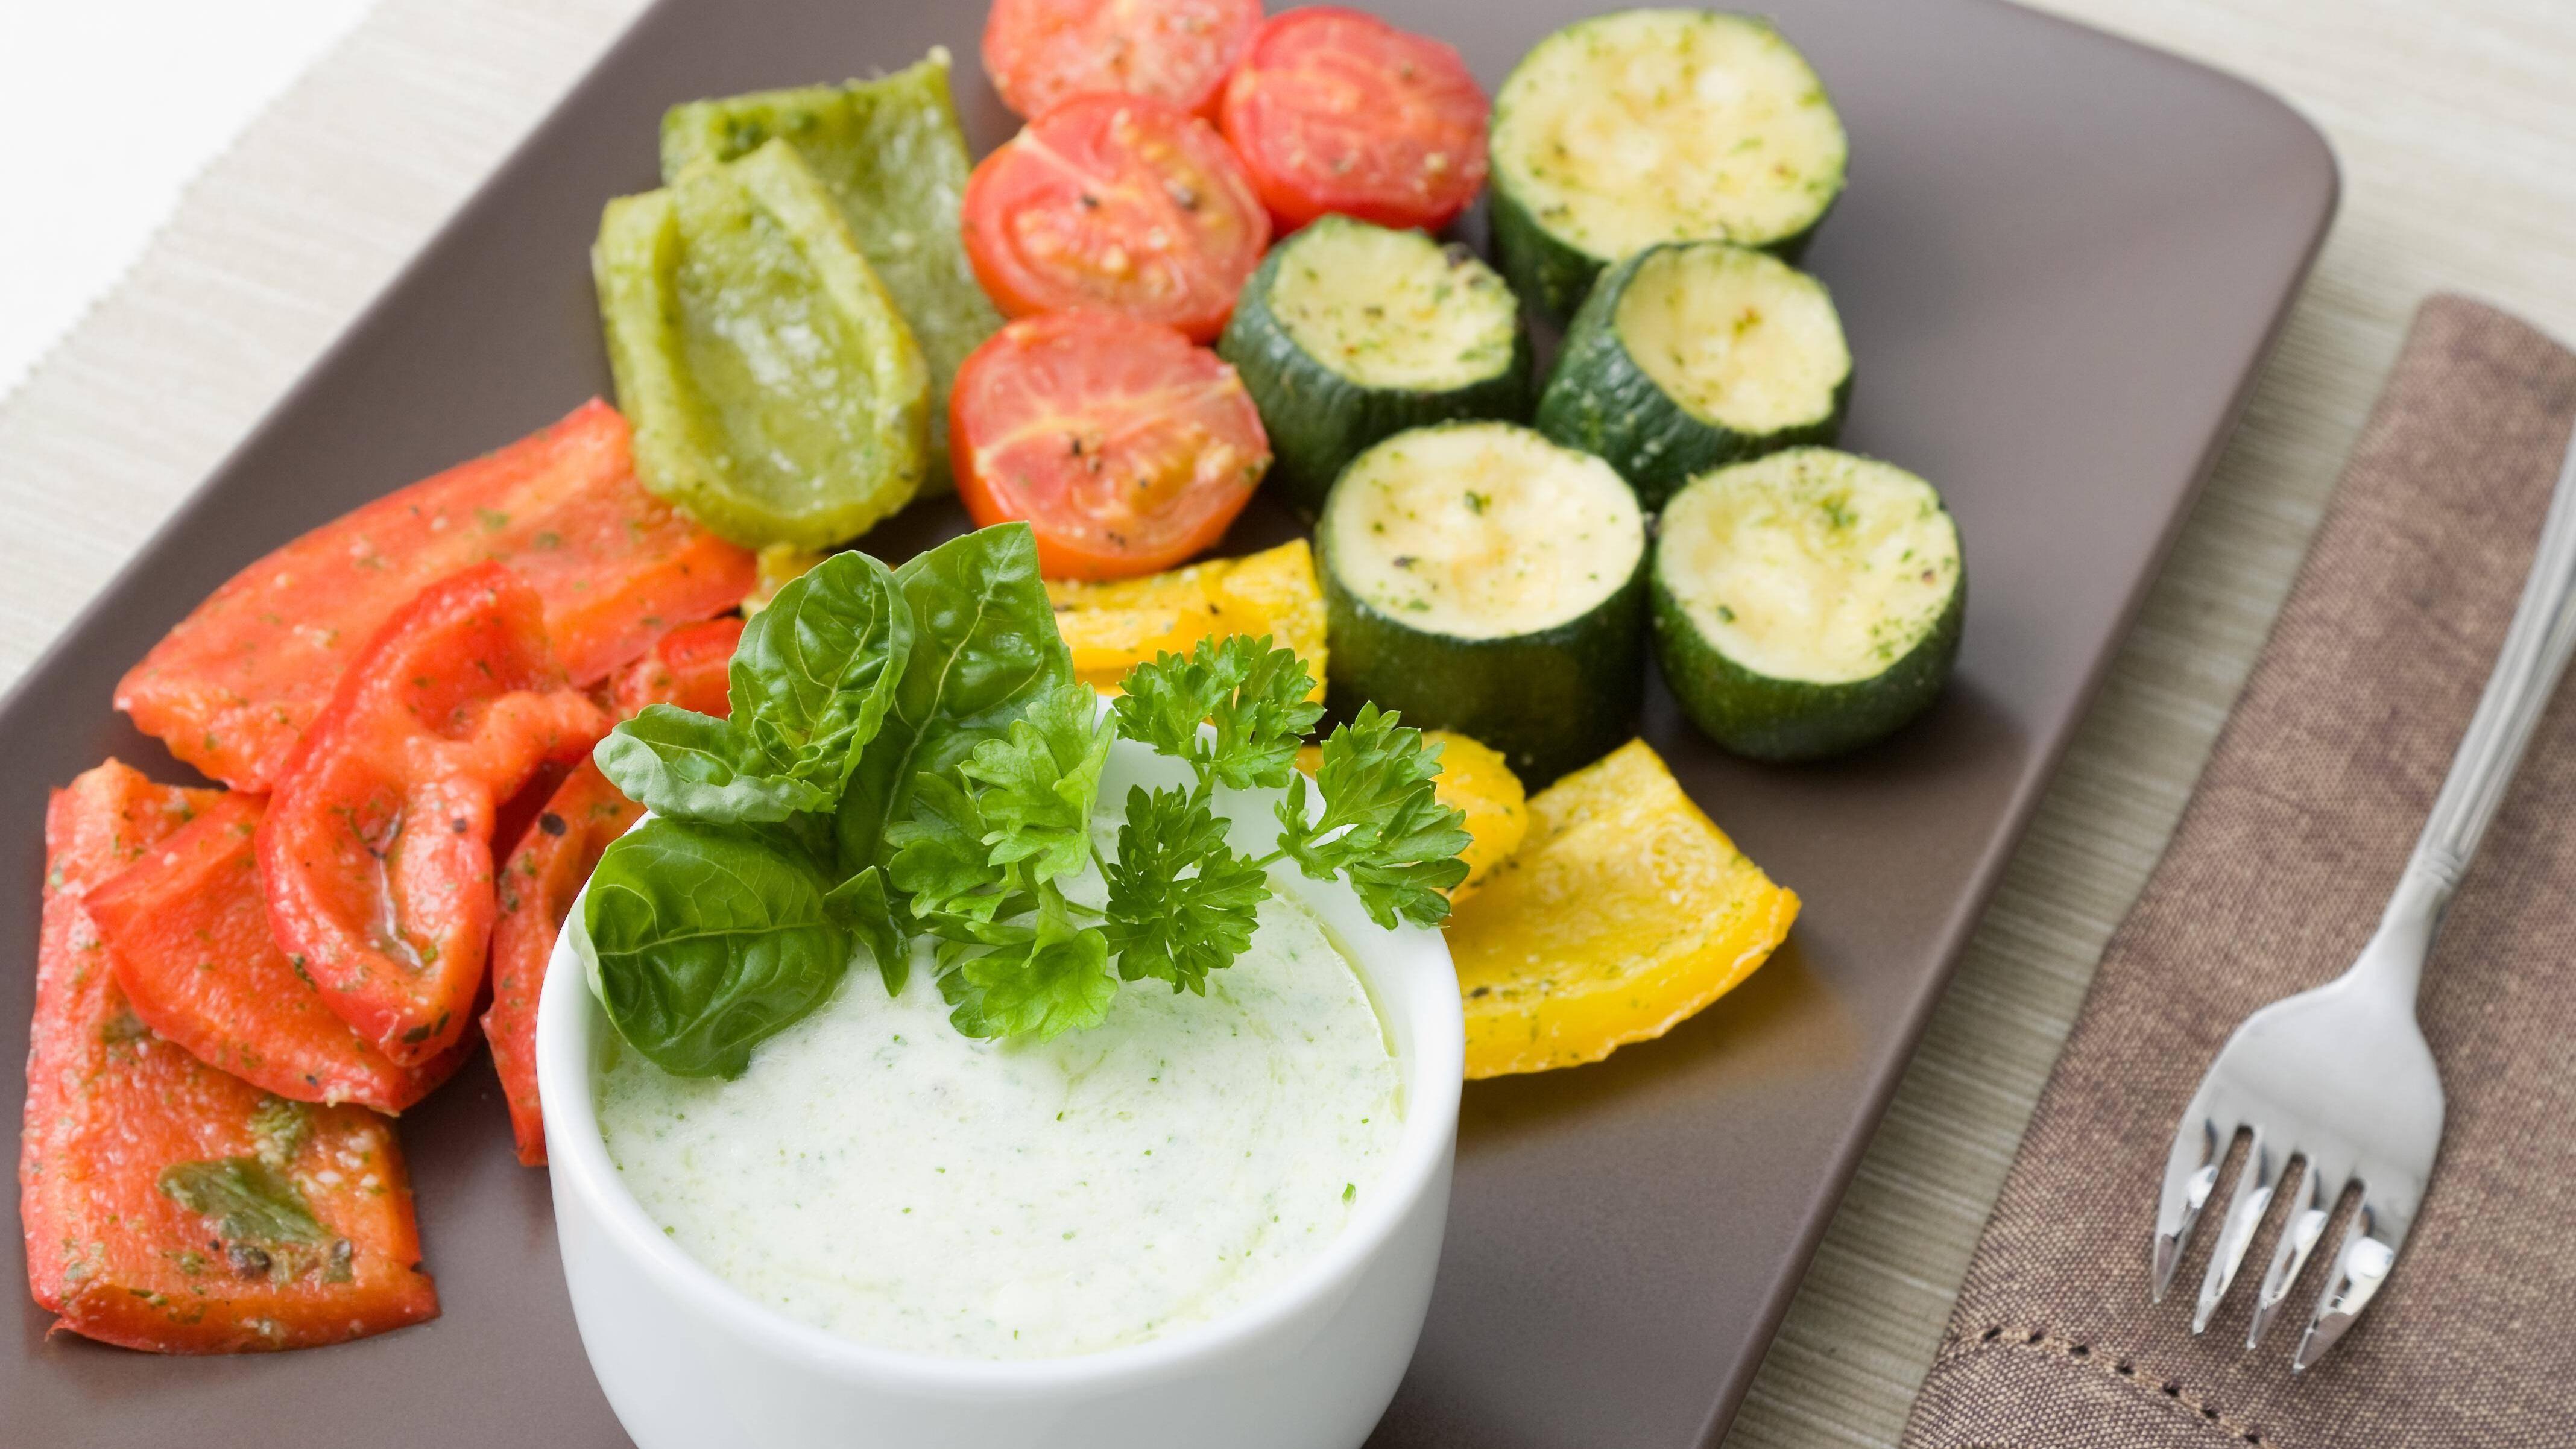 Gemüse grillen: Tipps und Ideen für ein gelungenes Grillgemüse